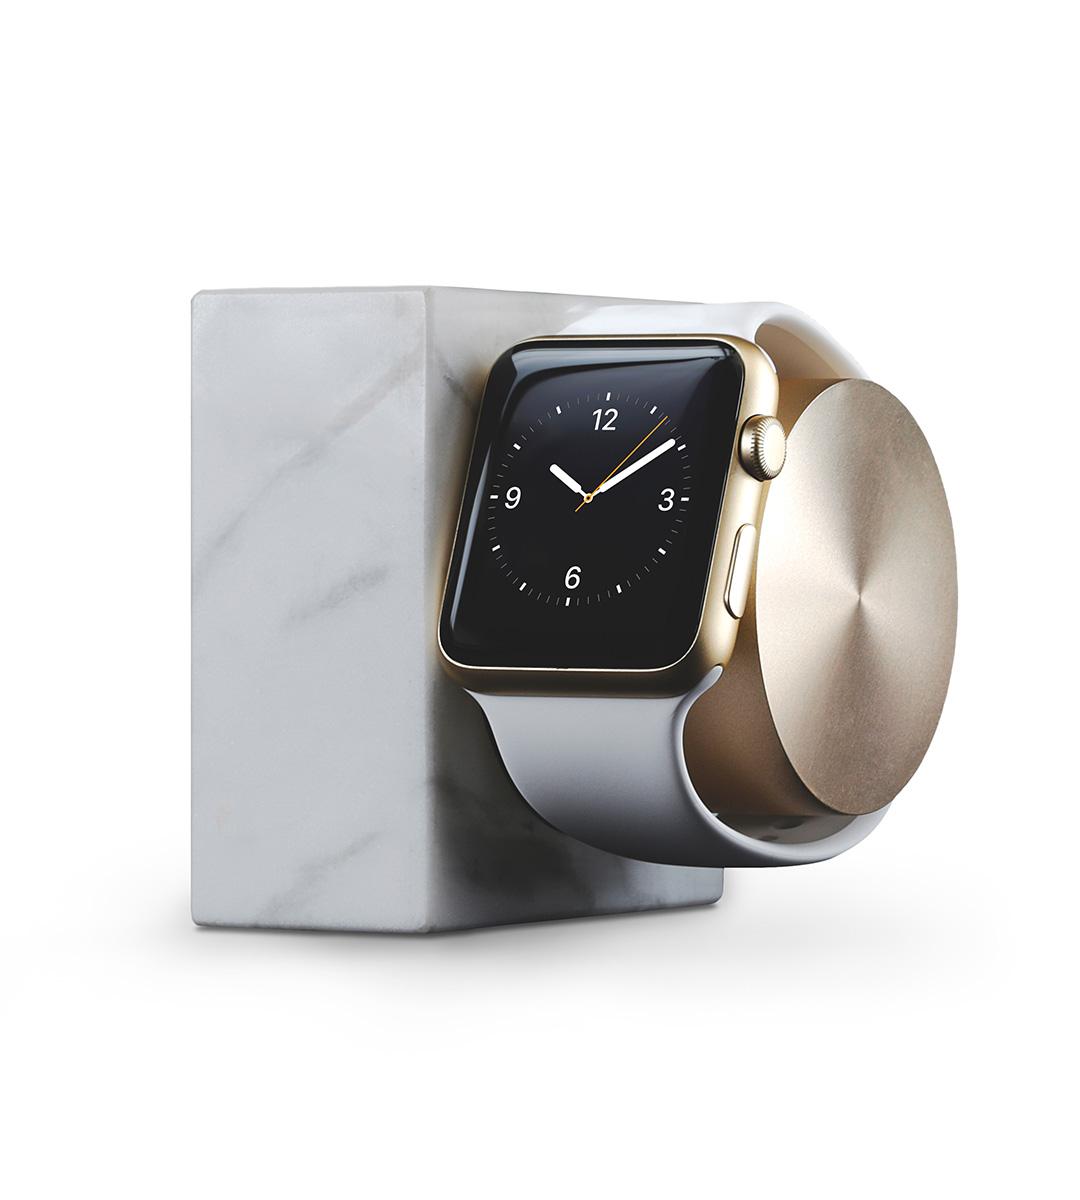 Nabíjecí stojánek pro Apple Watch 38mm / 42mm - Native Union, Dock Watch Marble White